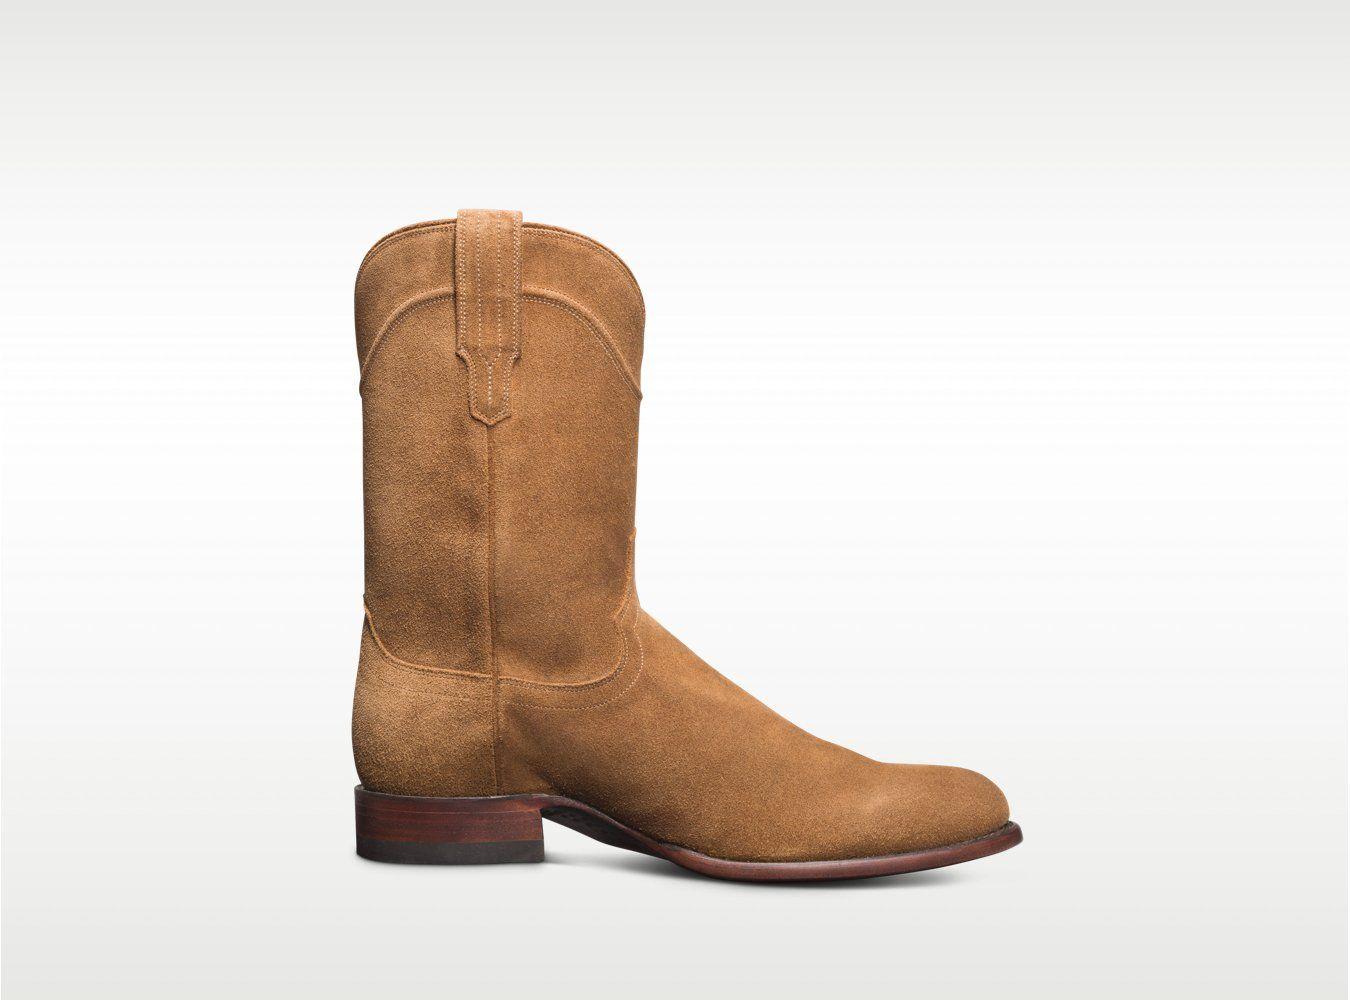 Men's Suede Roper Boots - Waterproof